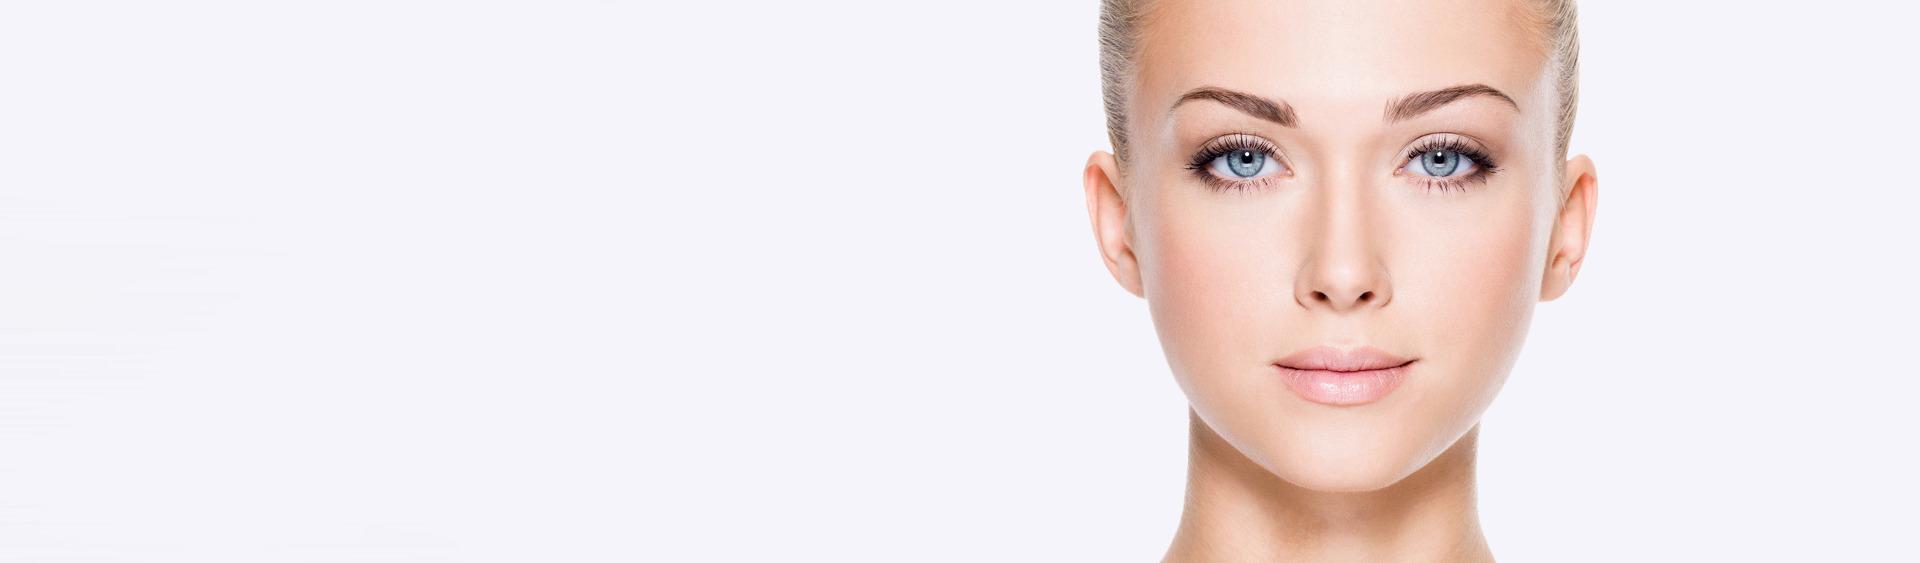 cosmesi-makeup-bellezza-farmacia